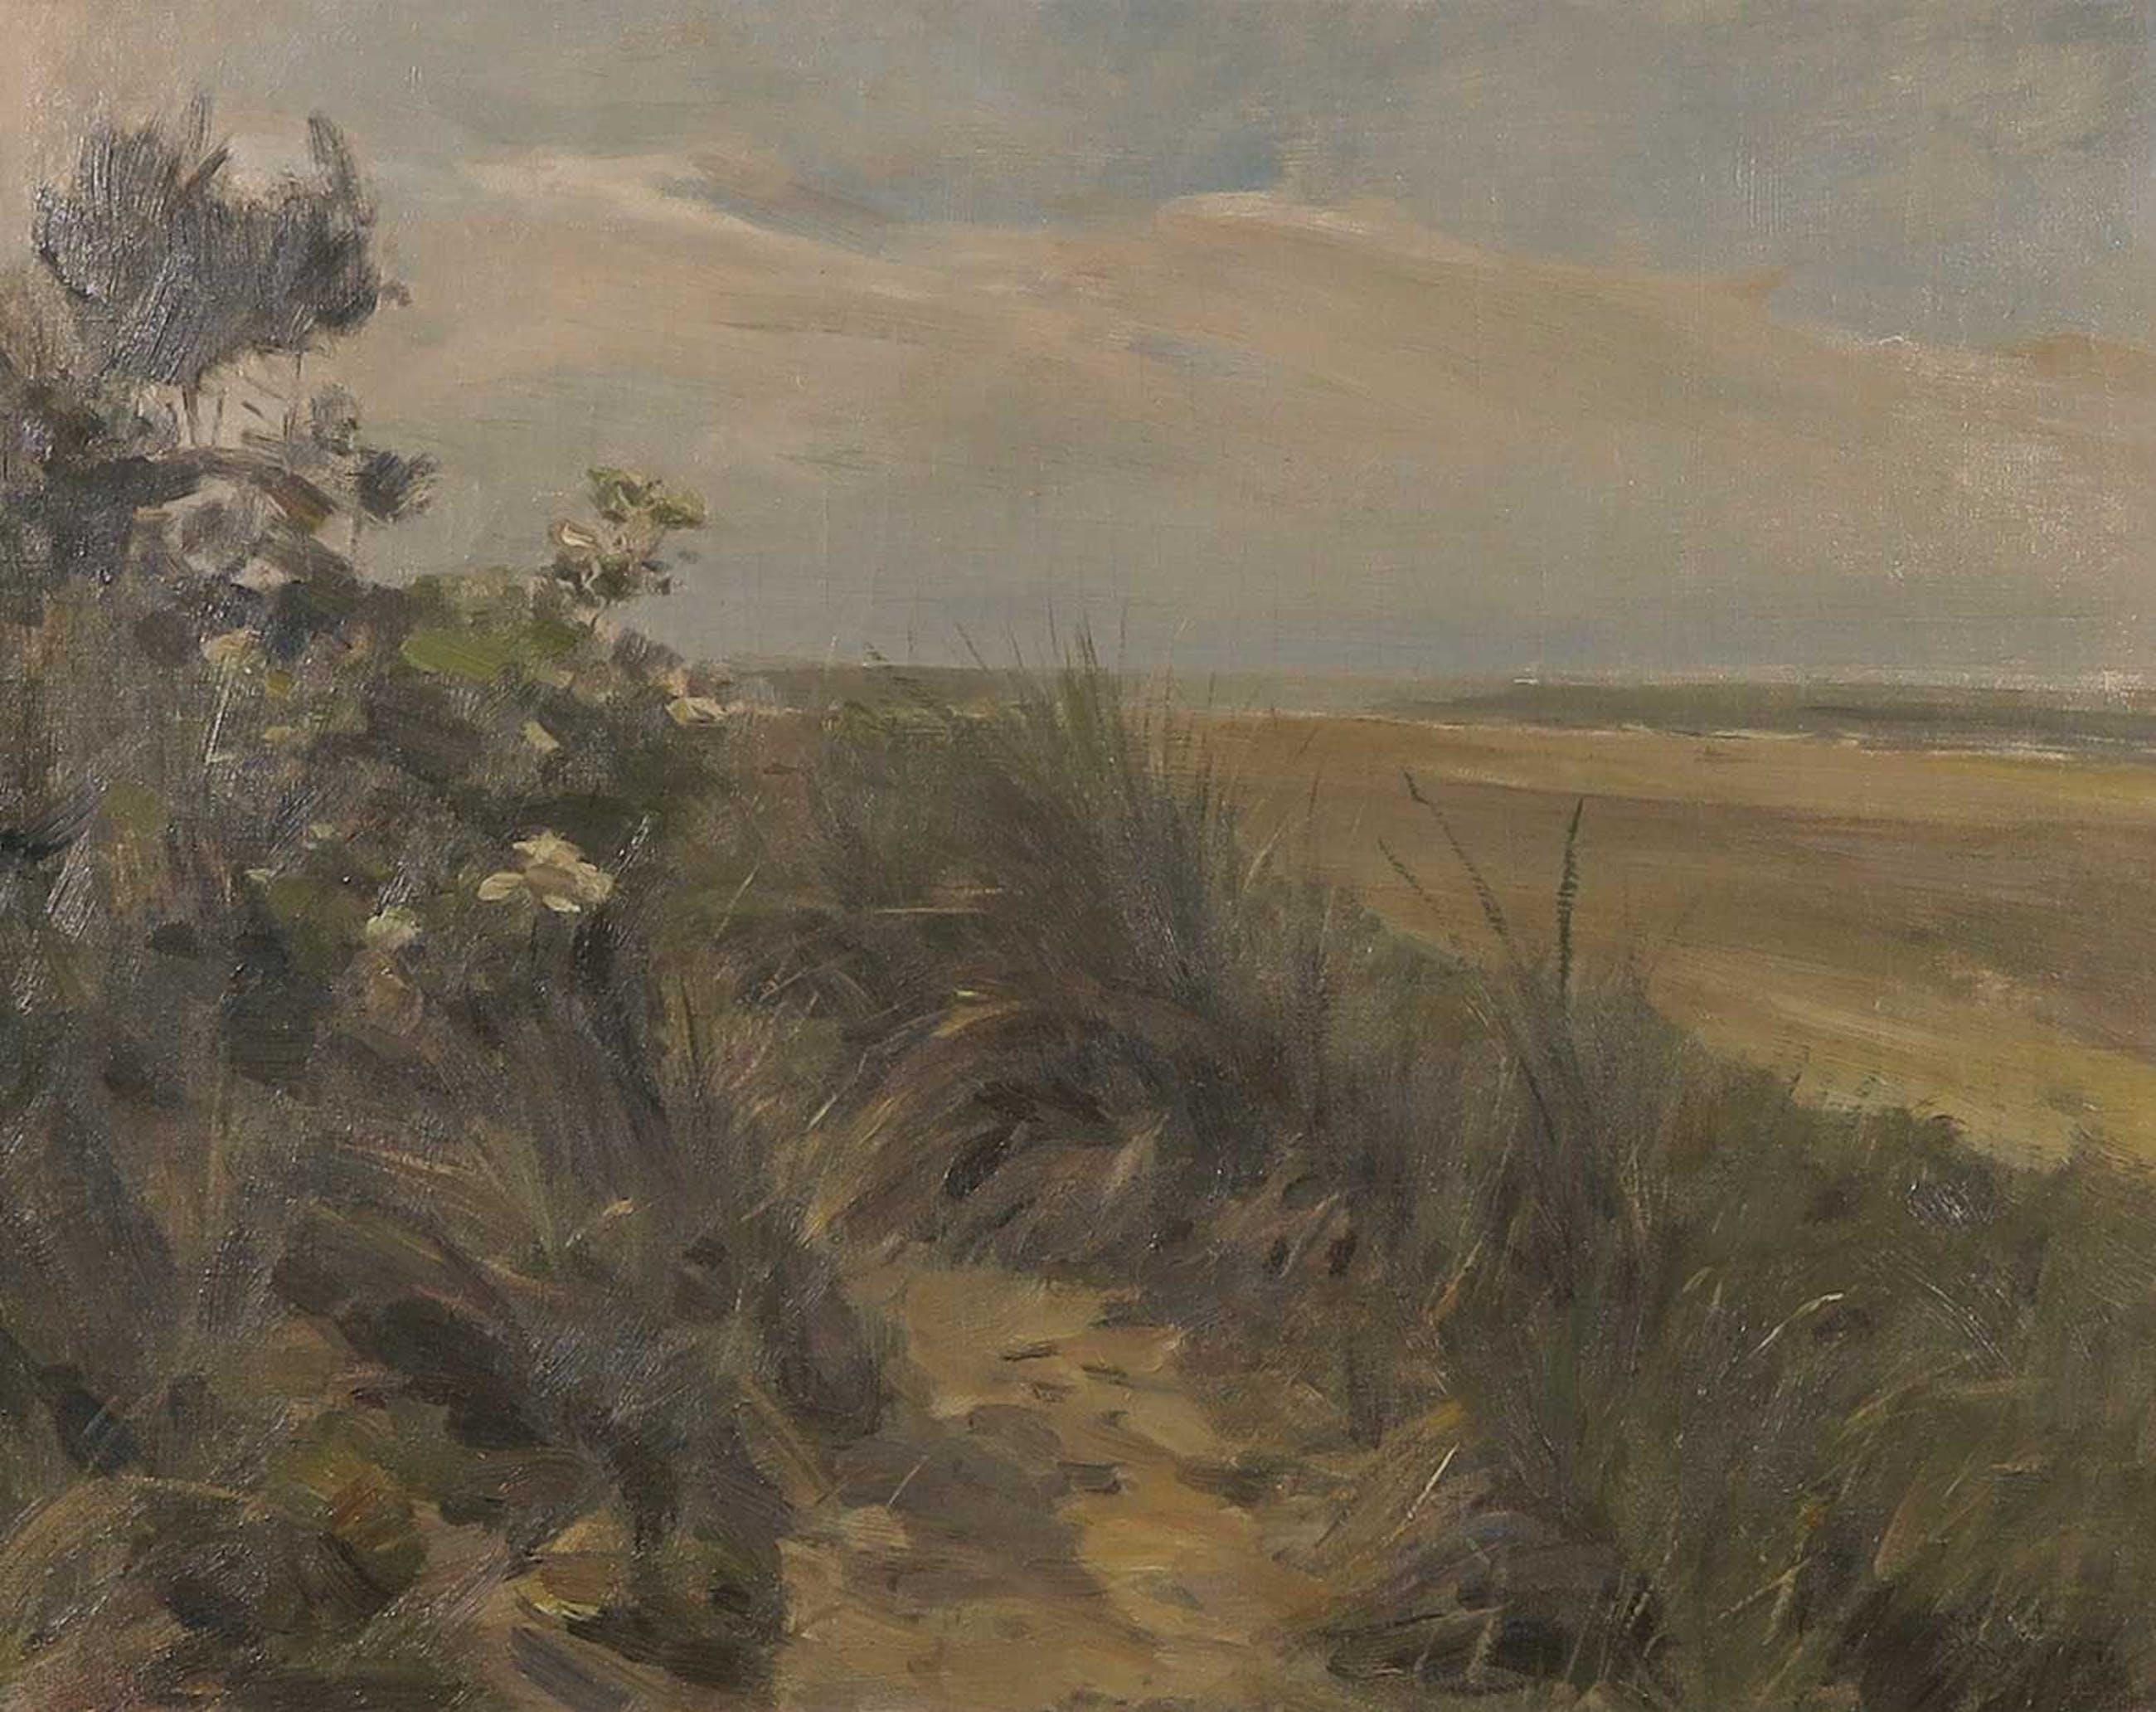 Anton Mauve (jr.) - Olieverf op doek, Duinlandschap Texel - Ingelijst kopen? Bied vanaf 150!